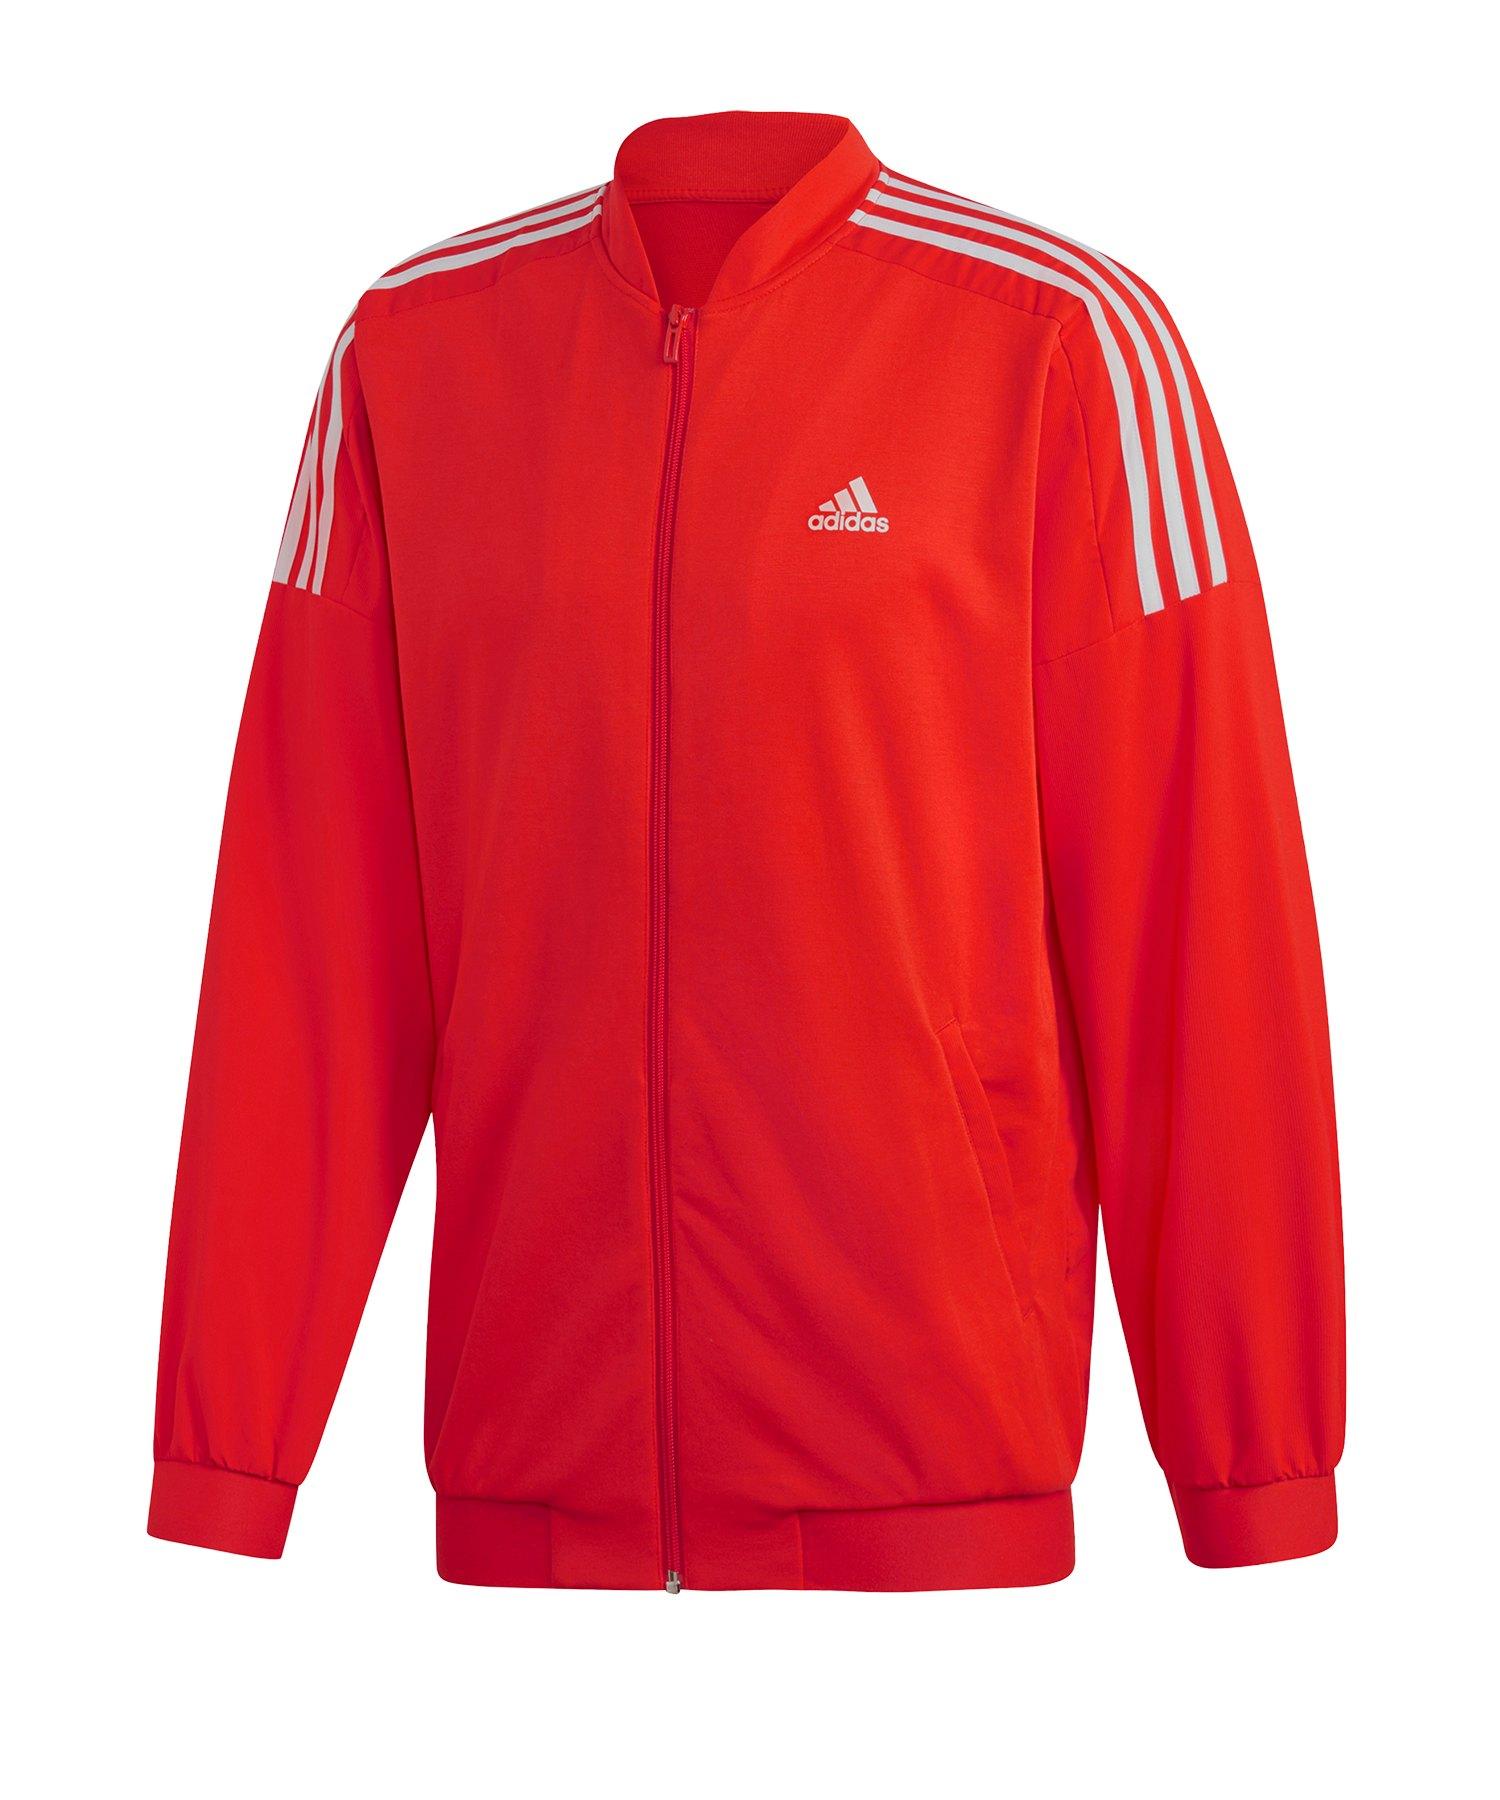 adidas Sport ID Woven Bomberjacket Jacke Rot - rot